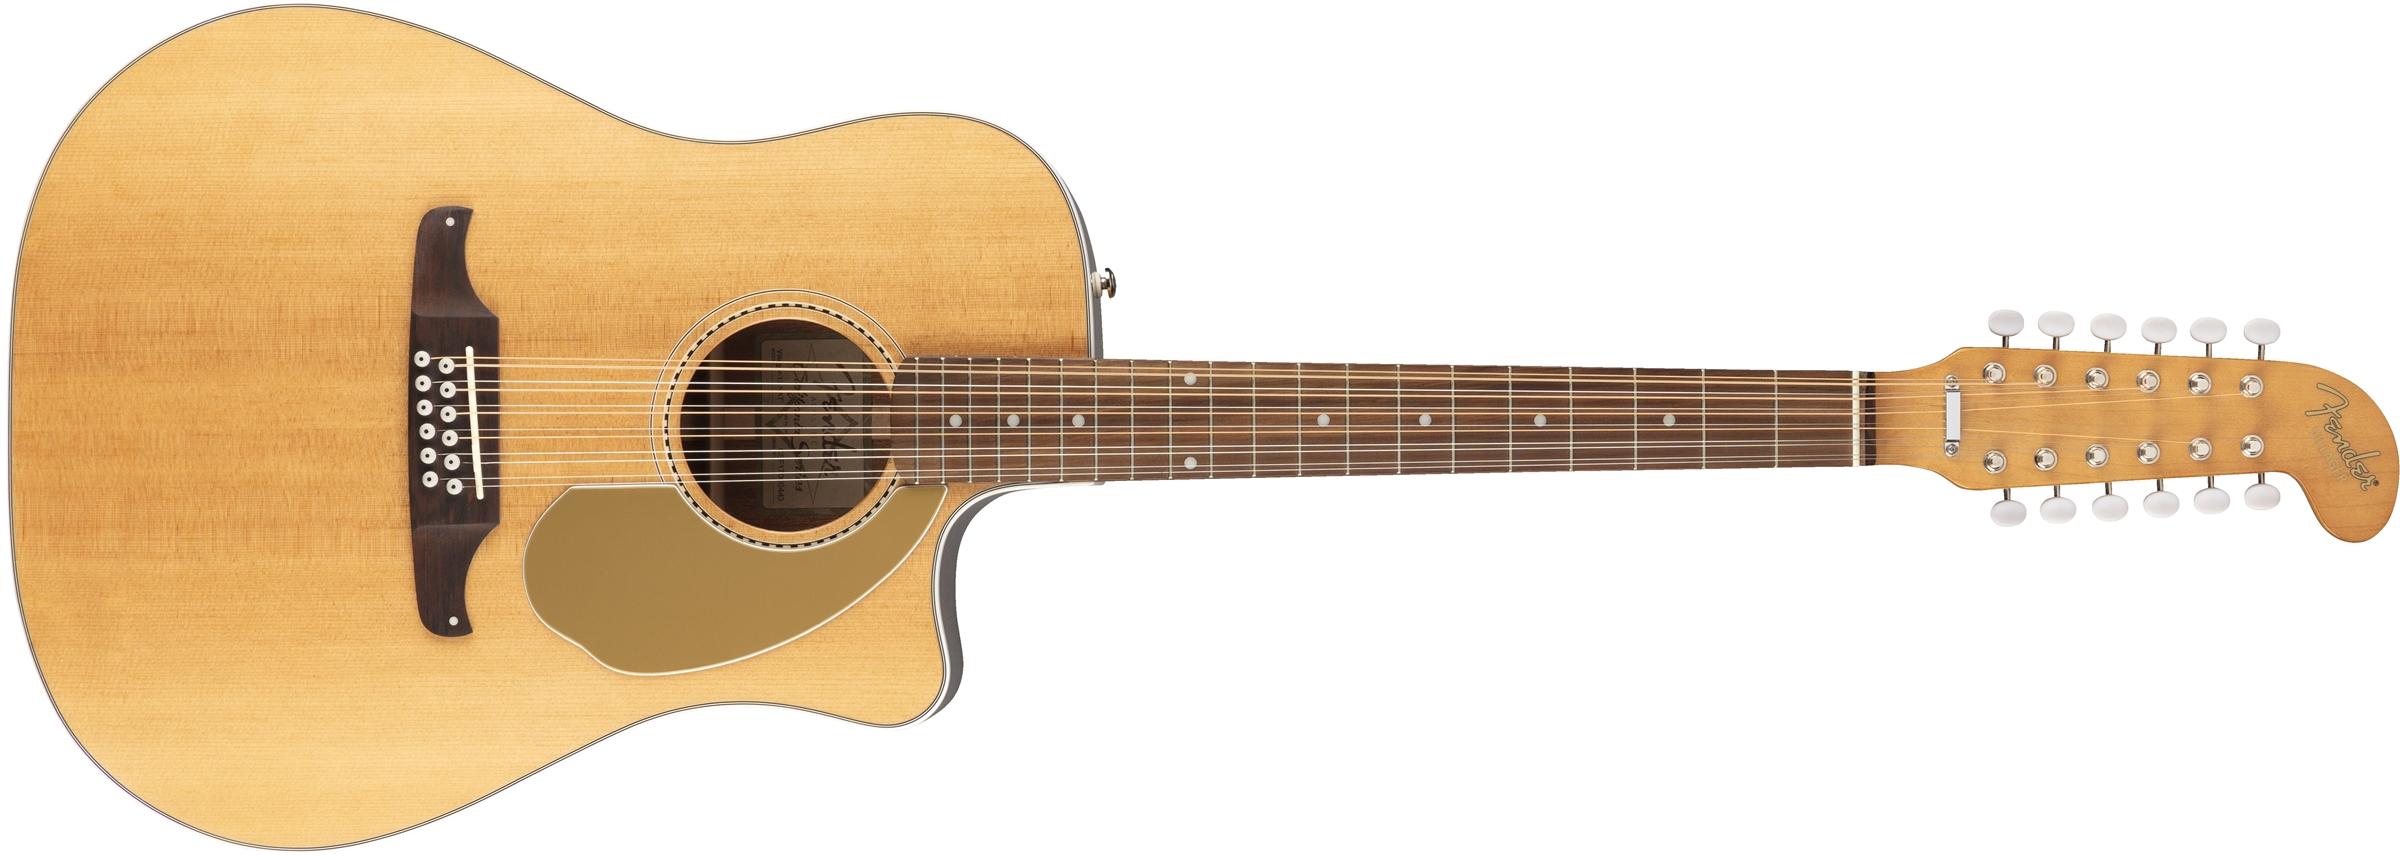 villager 12 string acoustic guitars Vintage Fender Villager 12 String tap to expand